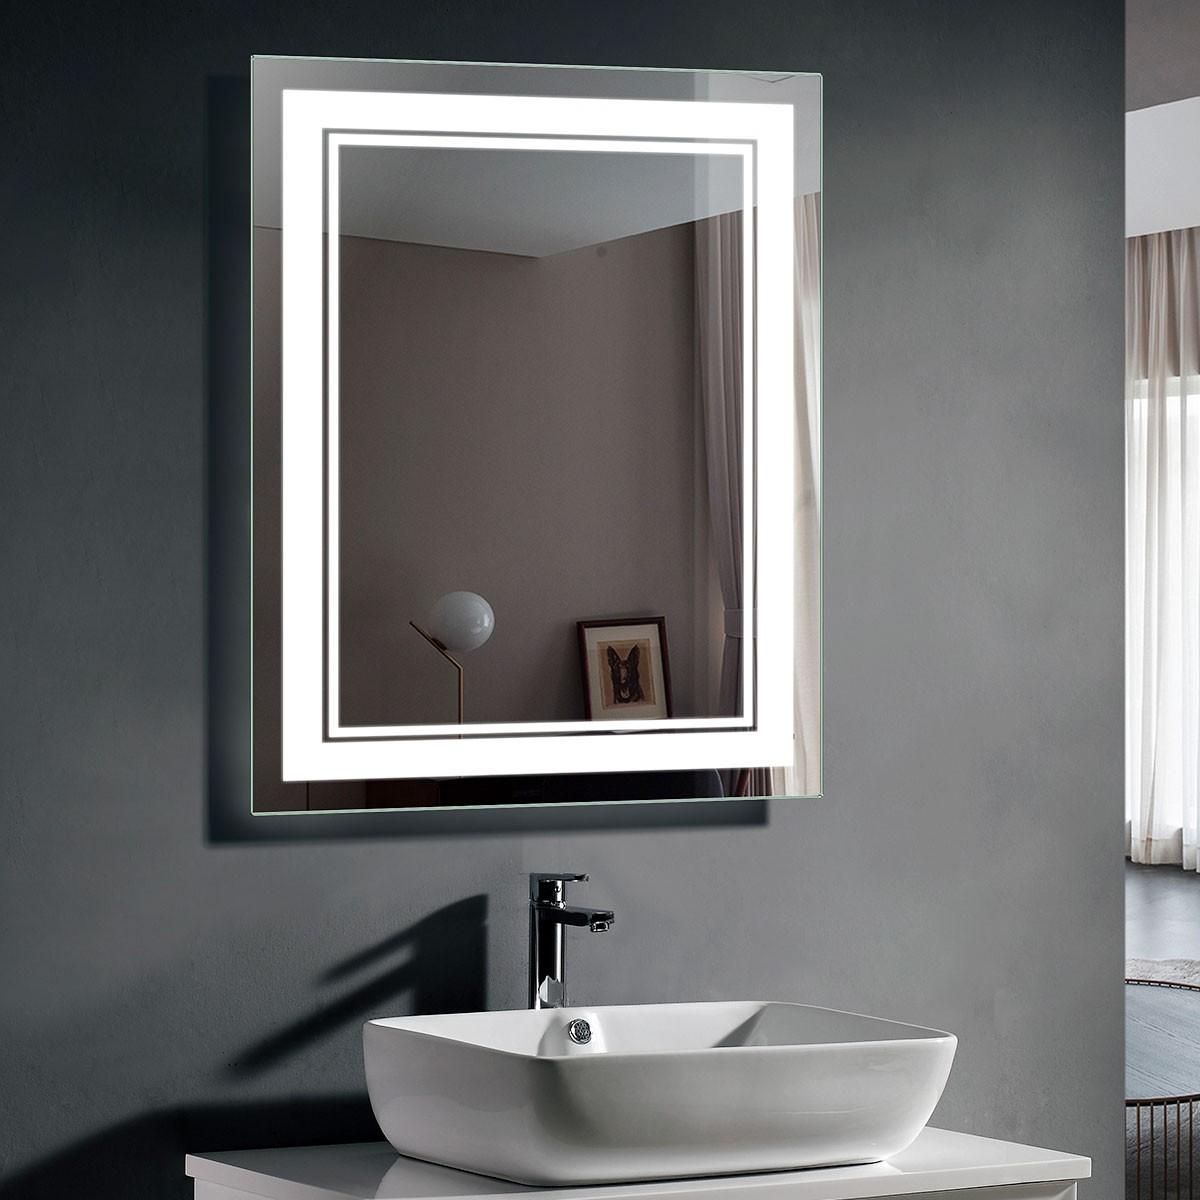 28 x 36 po miroir de salle de bain LED avec capteur infrarouge (DK-OD-CK160-IG)